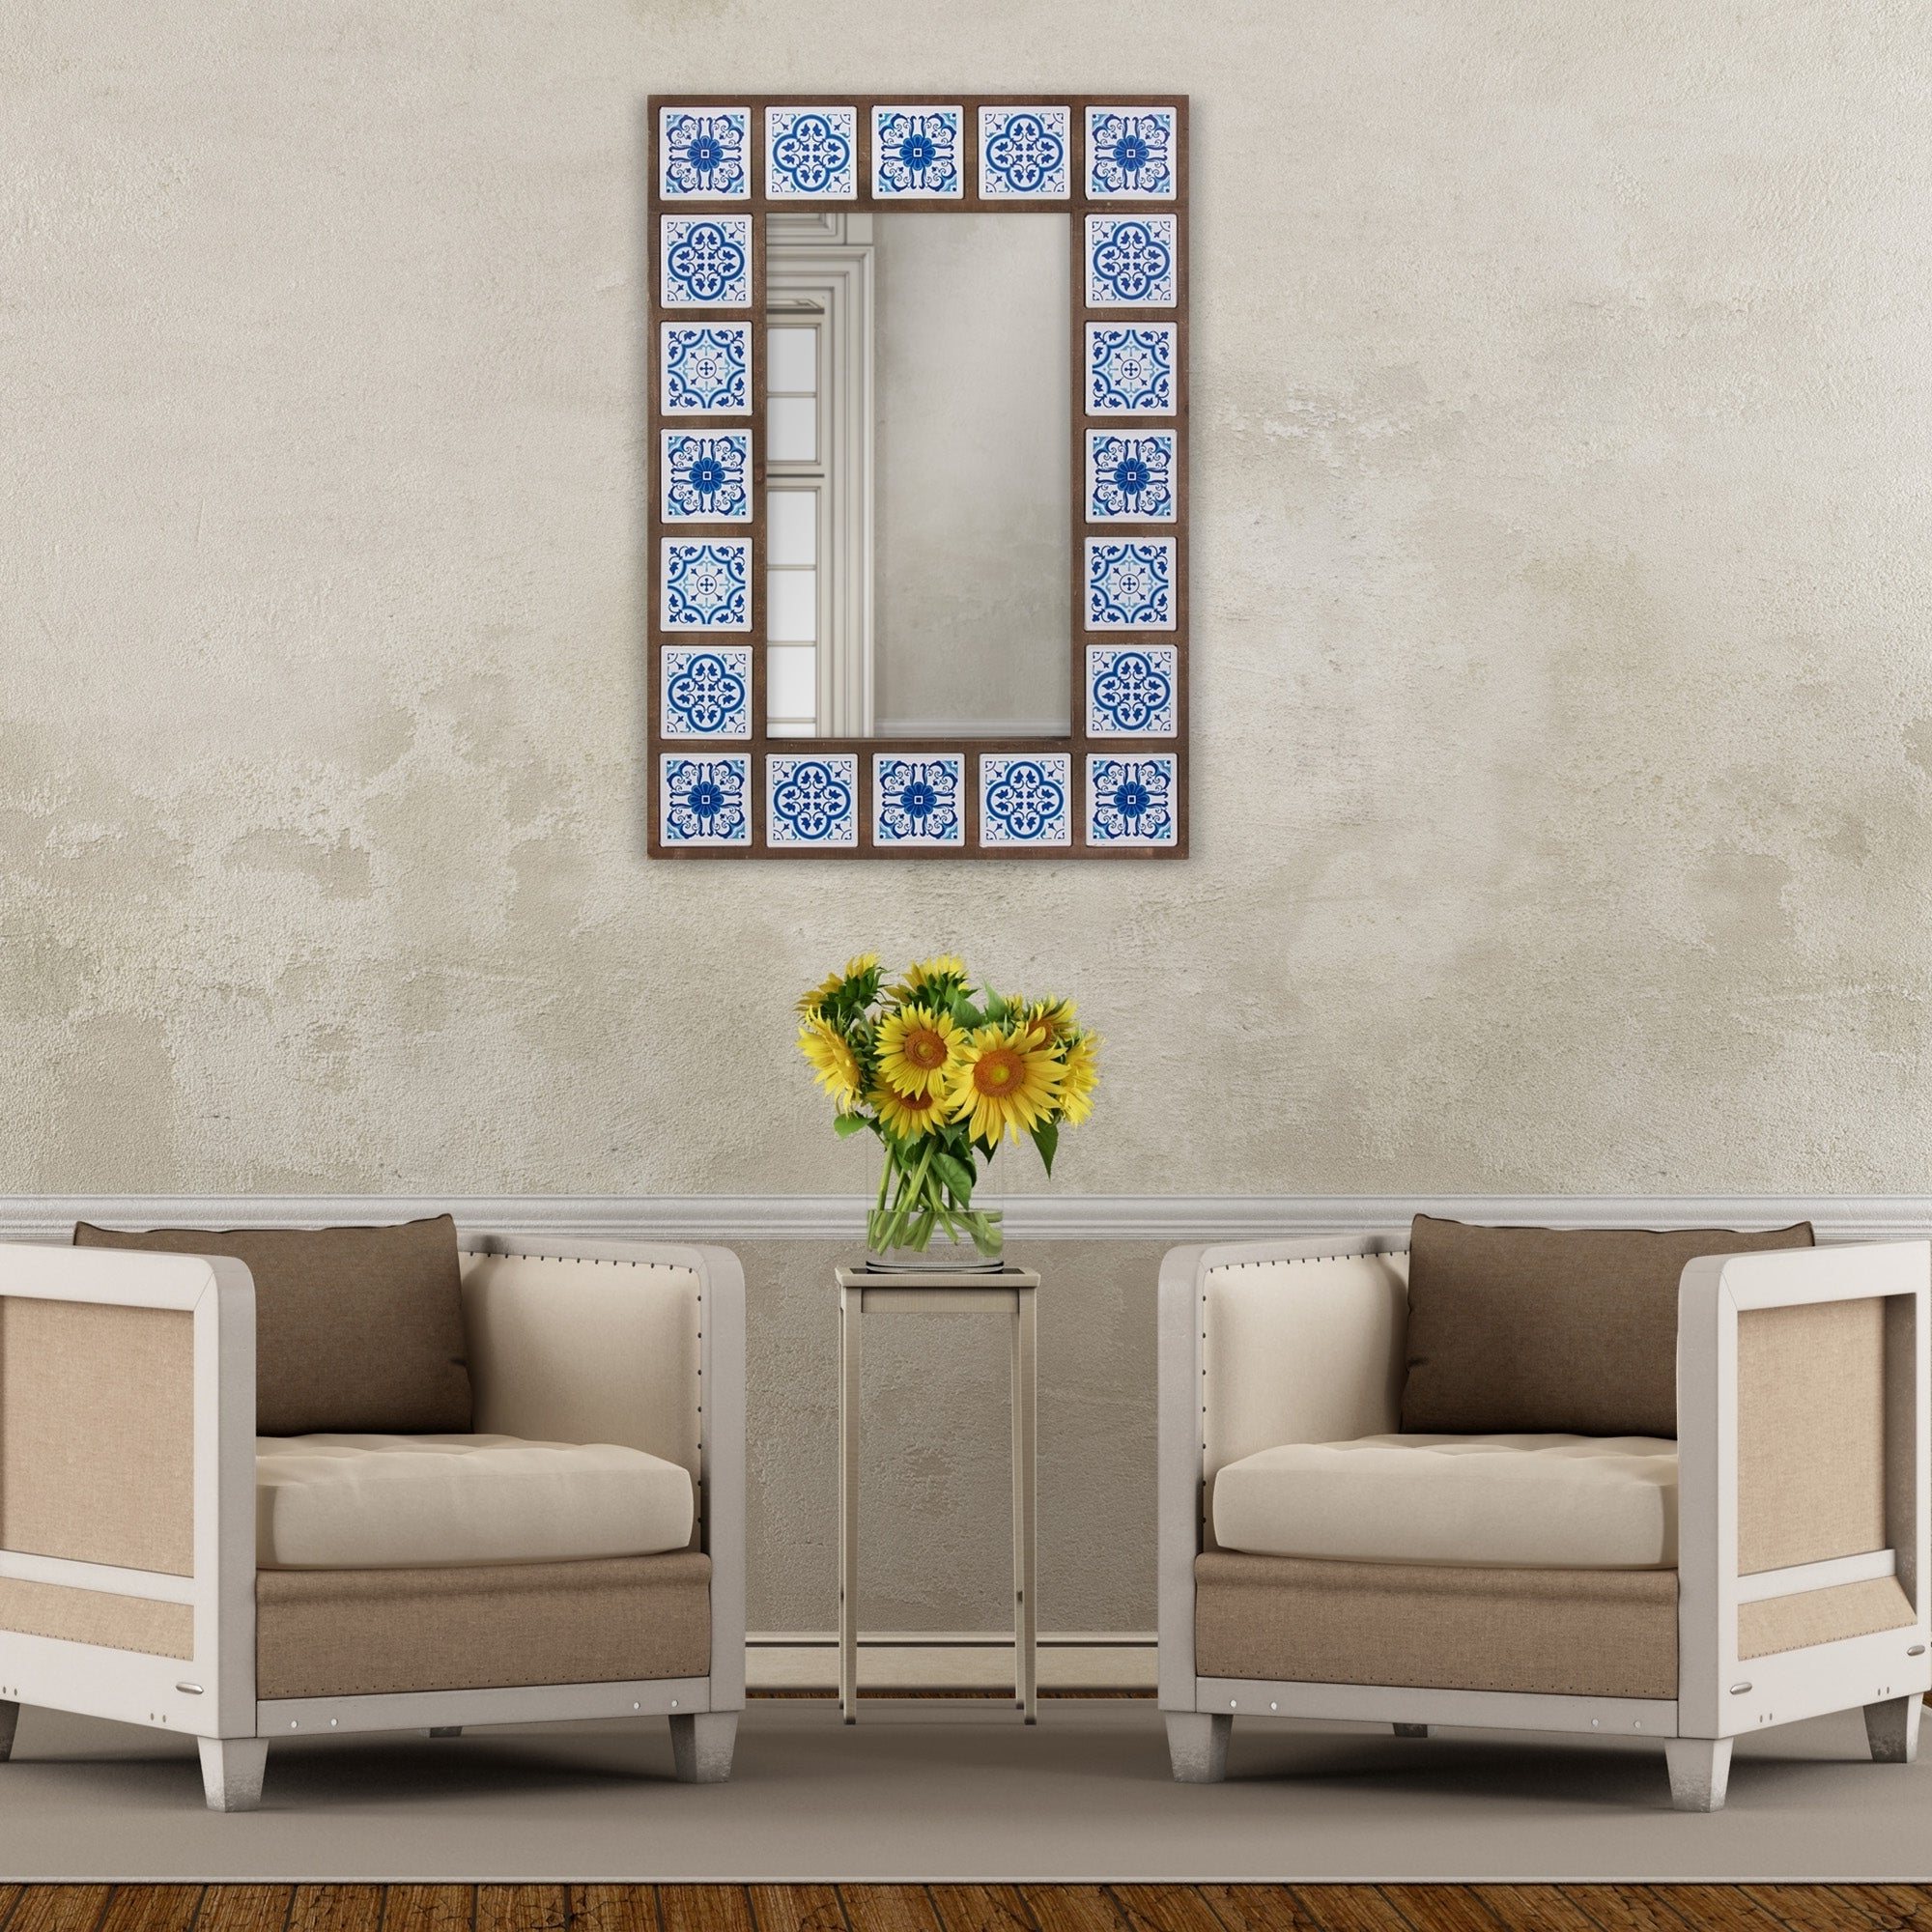 Patton Wall Decor 28X38 Indigo Moroccan Tile Framed Wall Mirror With Latest Moroccan Wall Mirrors (Gallery 13 of 20)